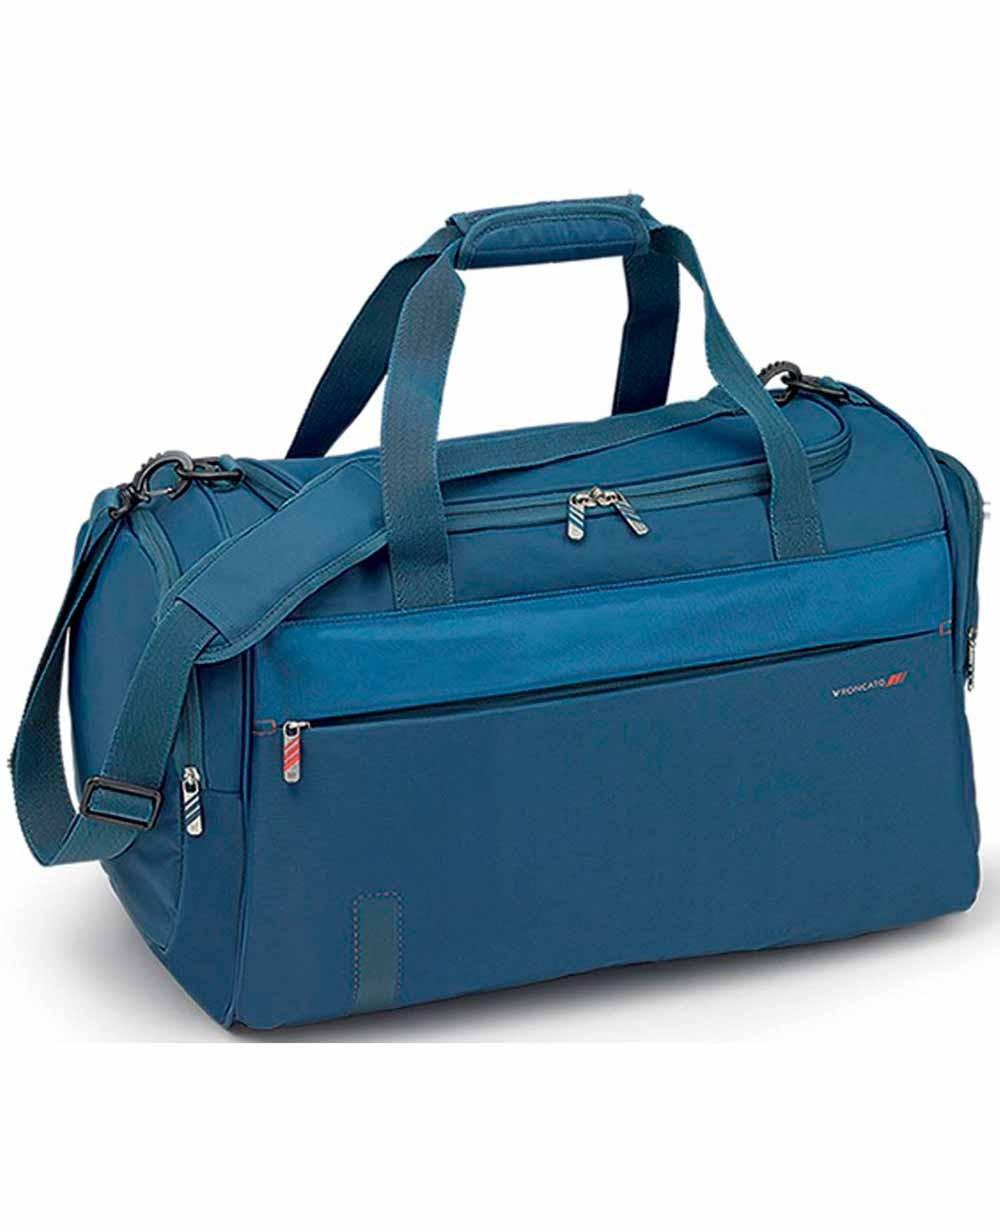 Roncato Speed Bolsa de Viaje Azul (Foto )